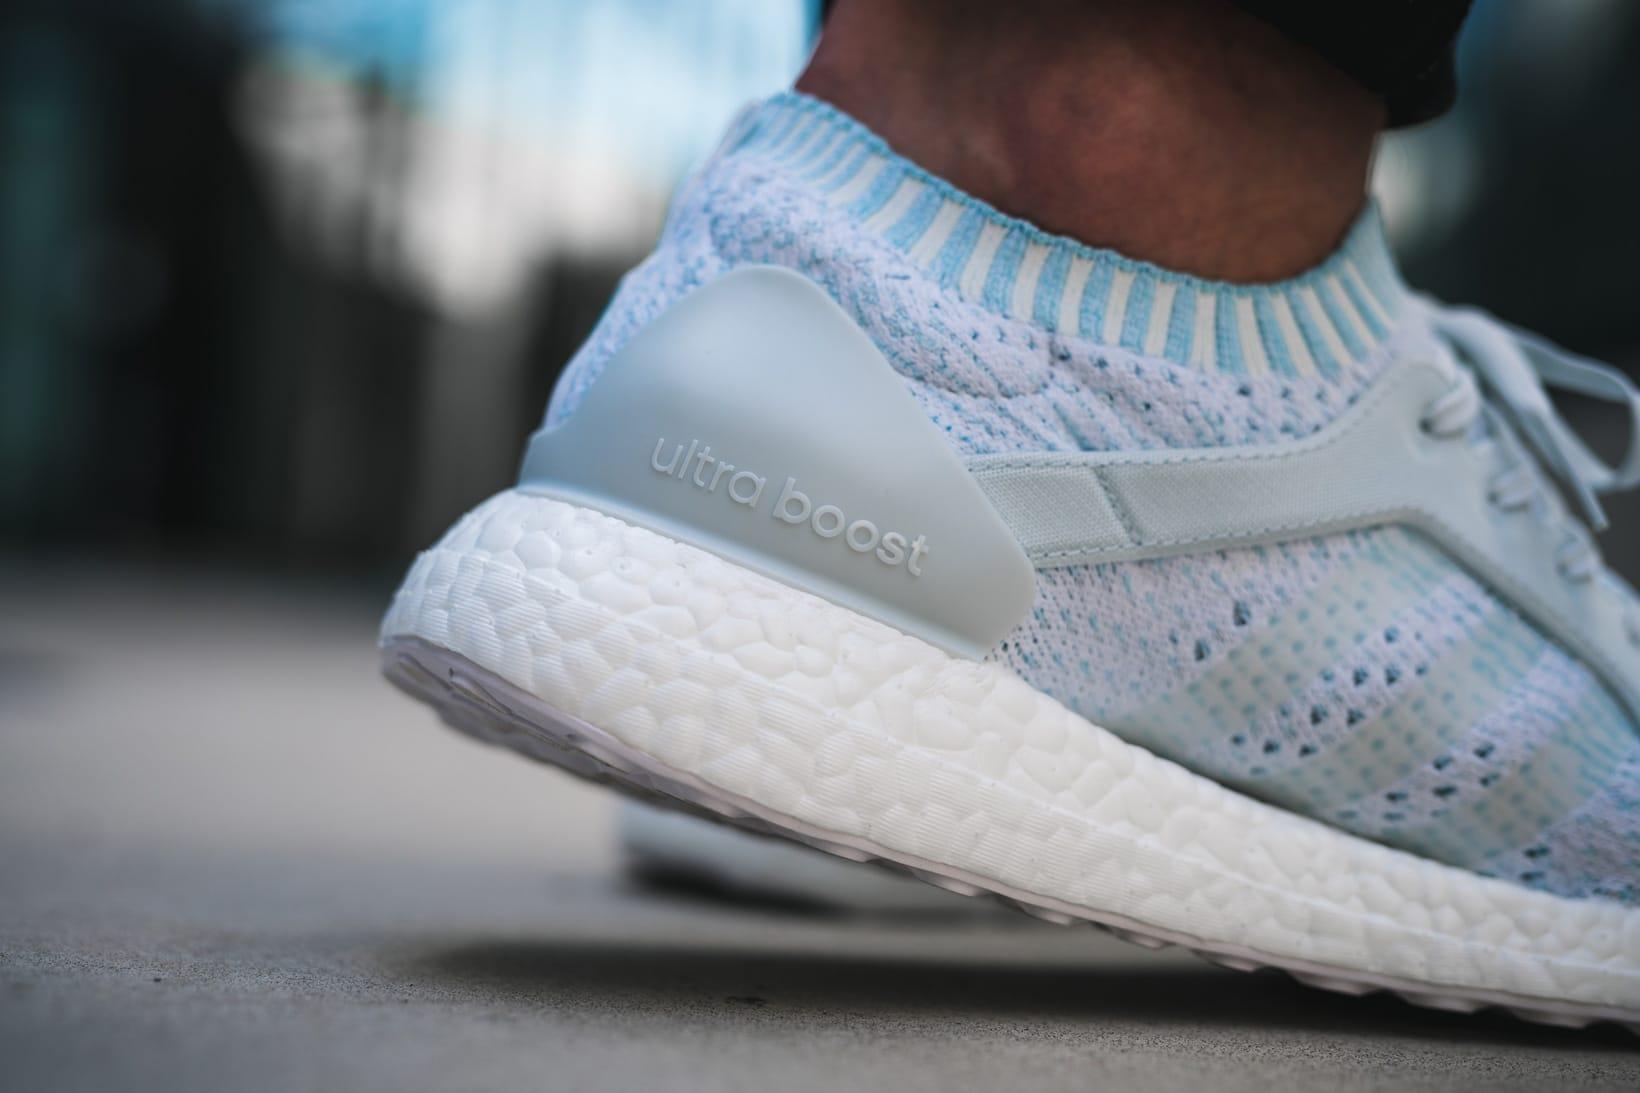 ultraboost x on feet